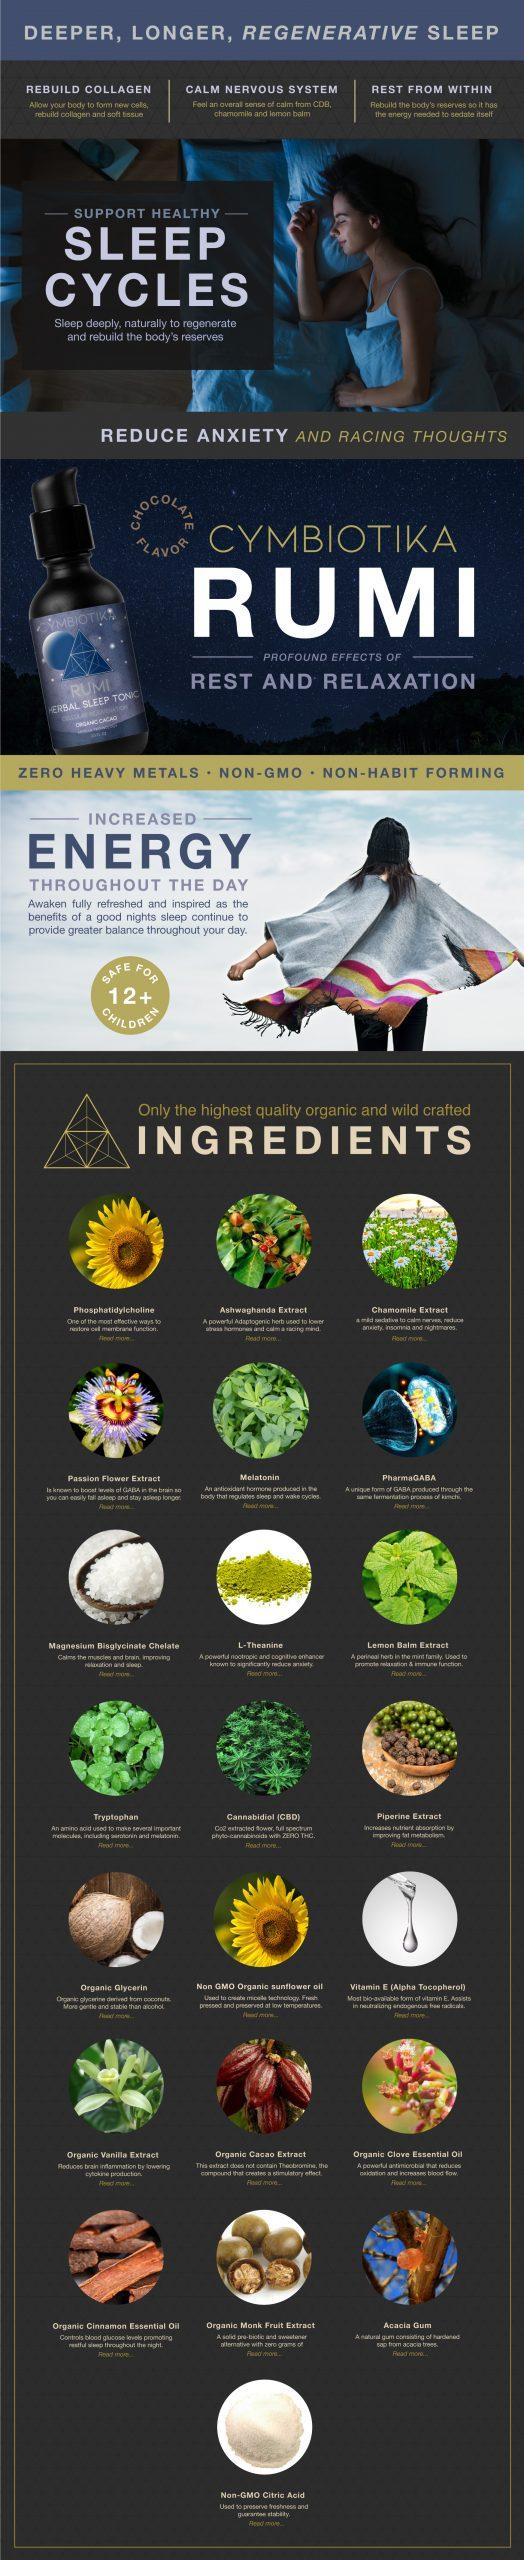 Rumi Herbal Sleep Tonic - Cymbiotika Premium Organic Herbal Supplements